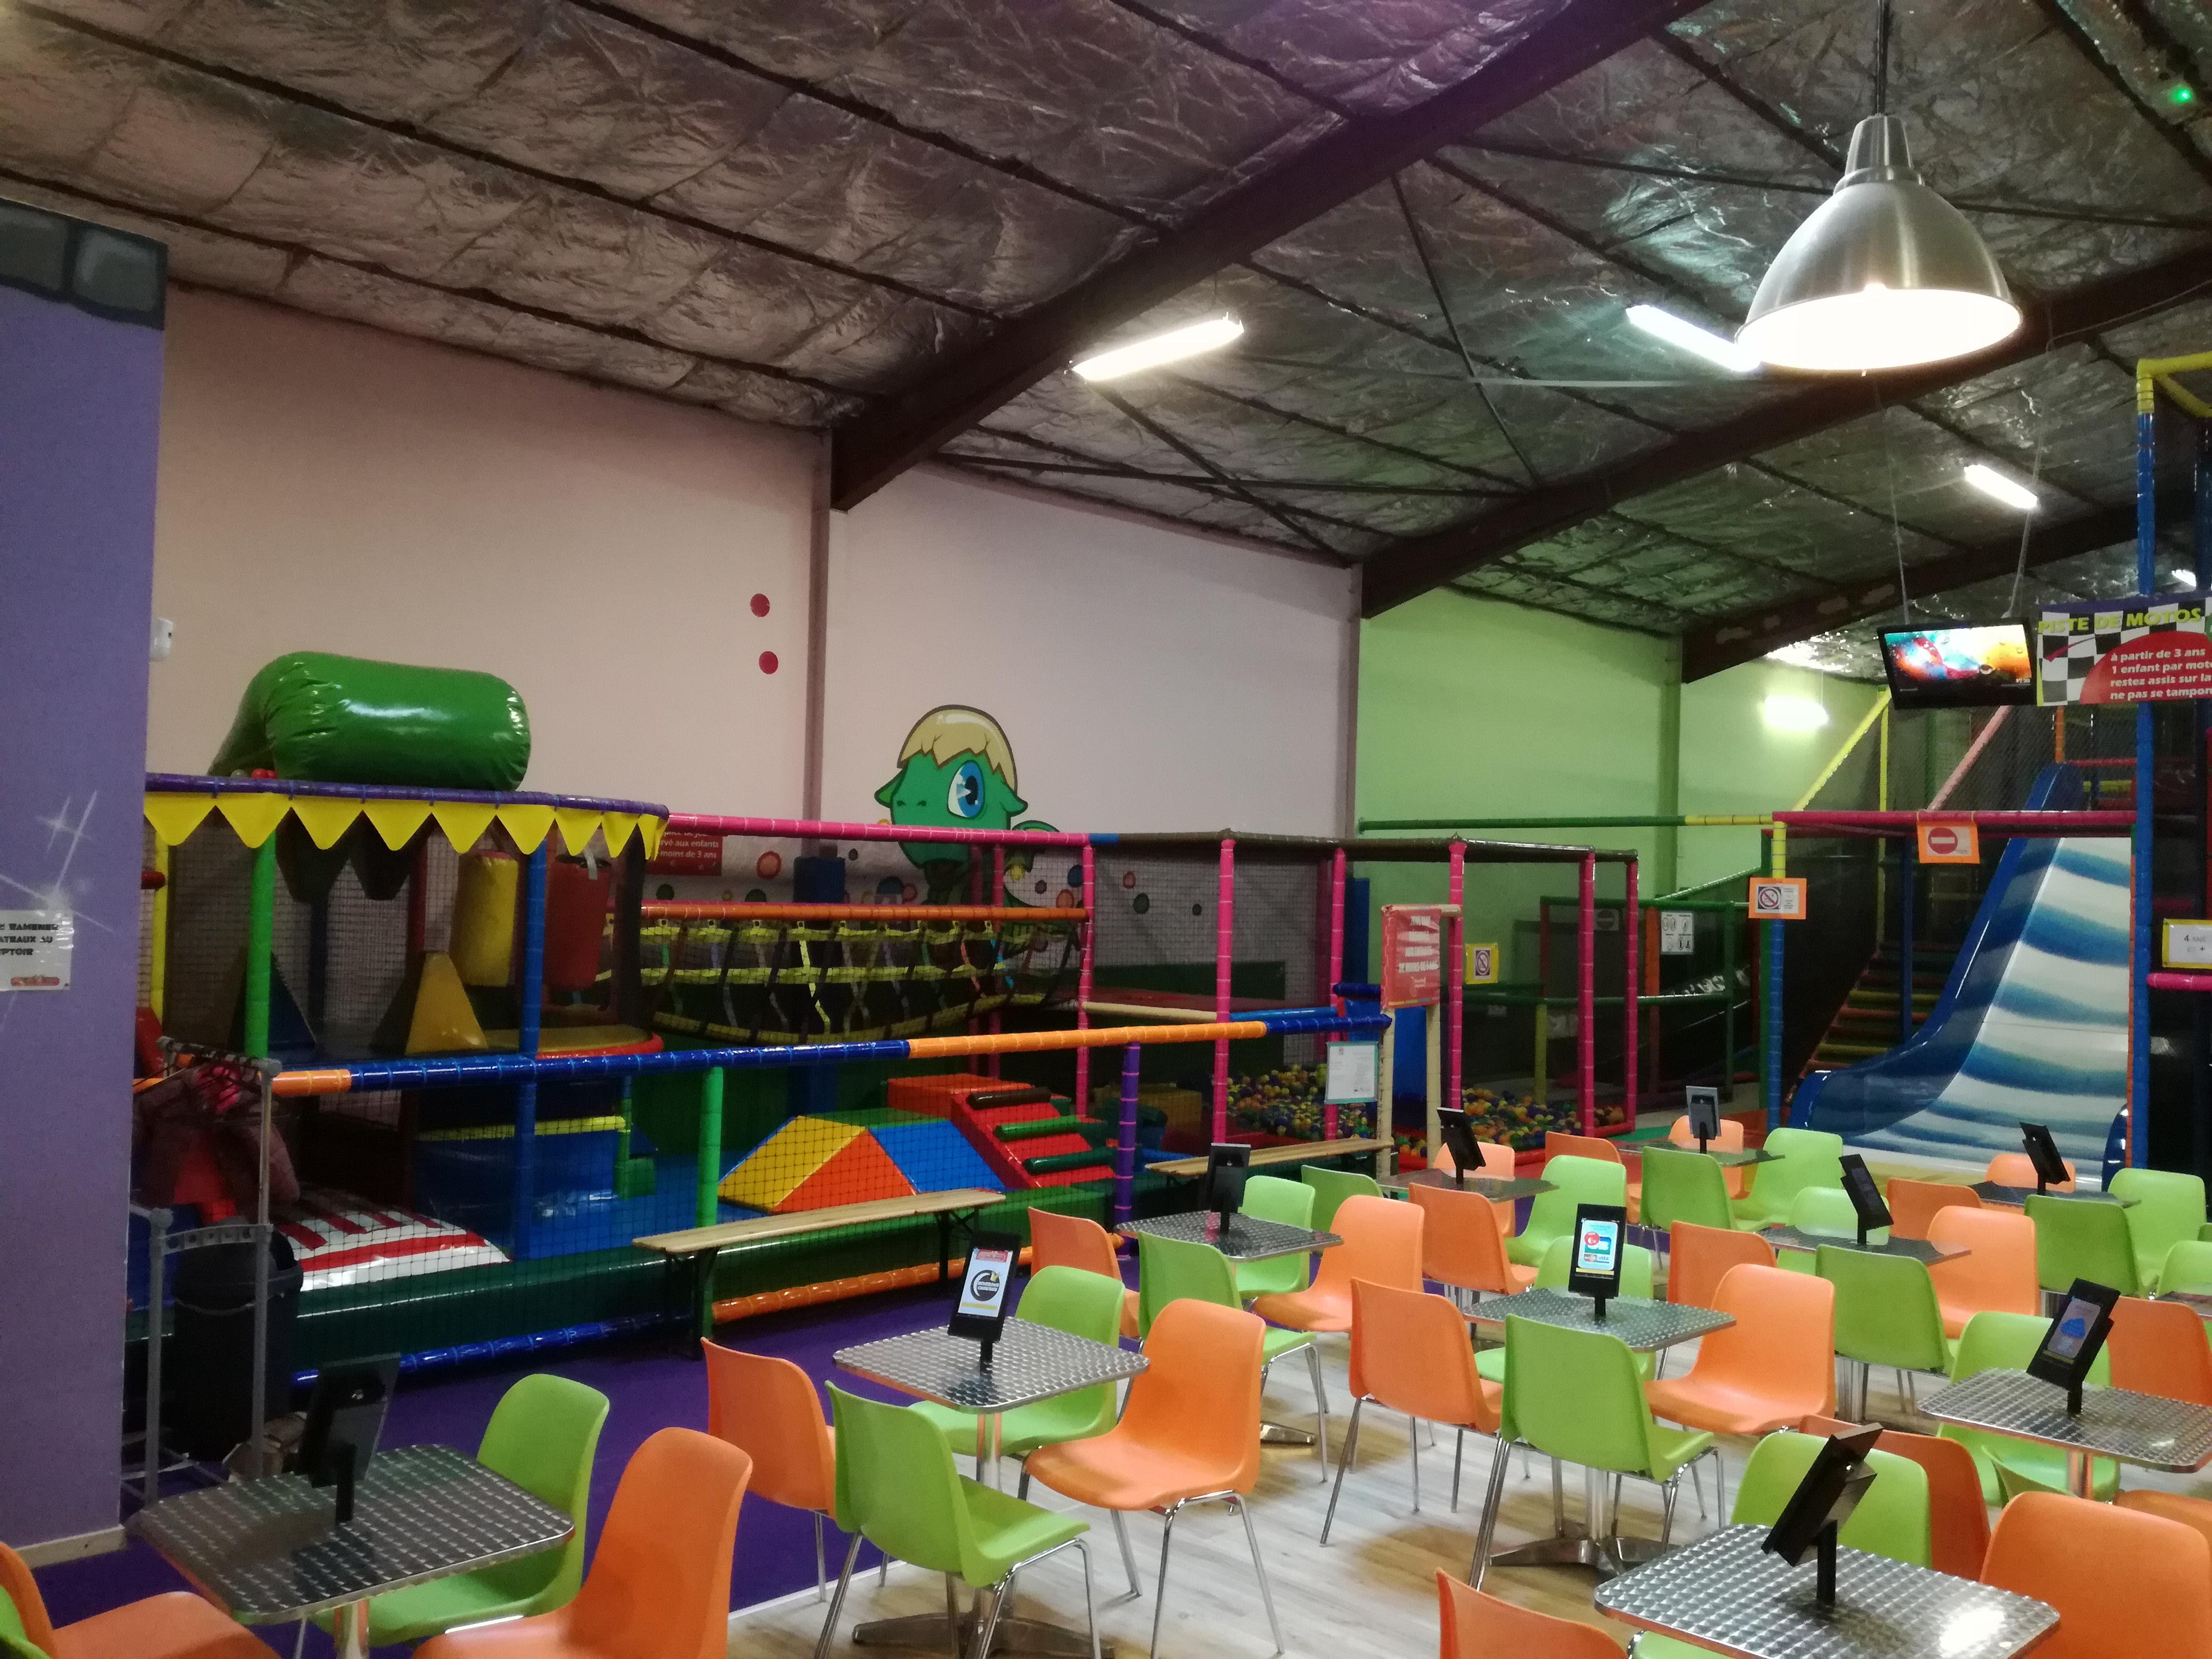 Kiddy dome parc d interieur de jeux pour enfants for Parc interieur pour enfant